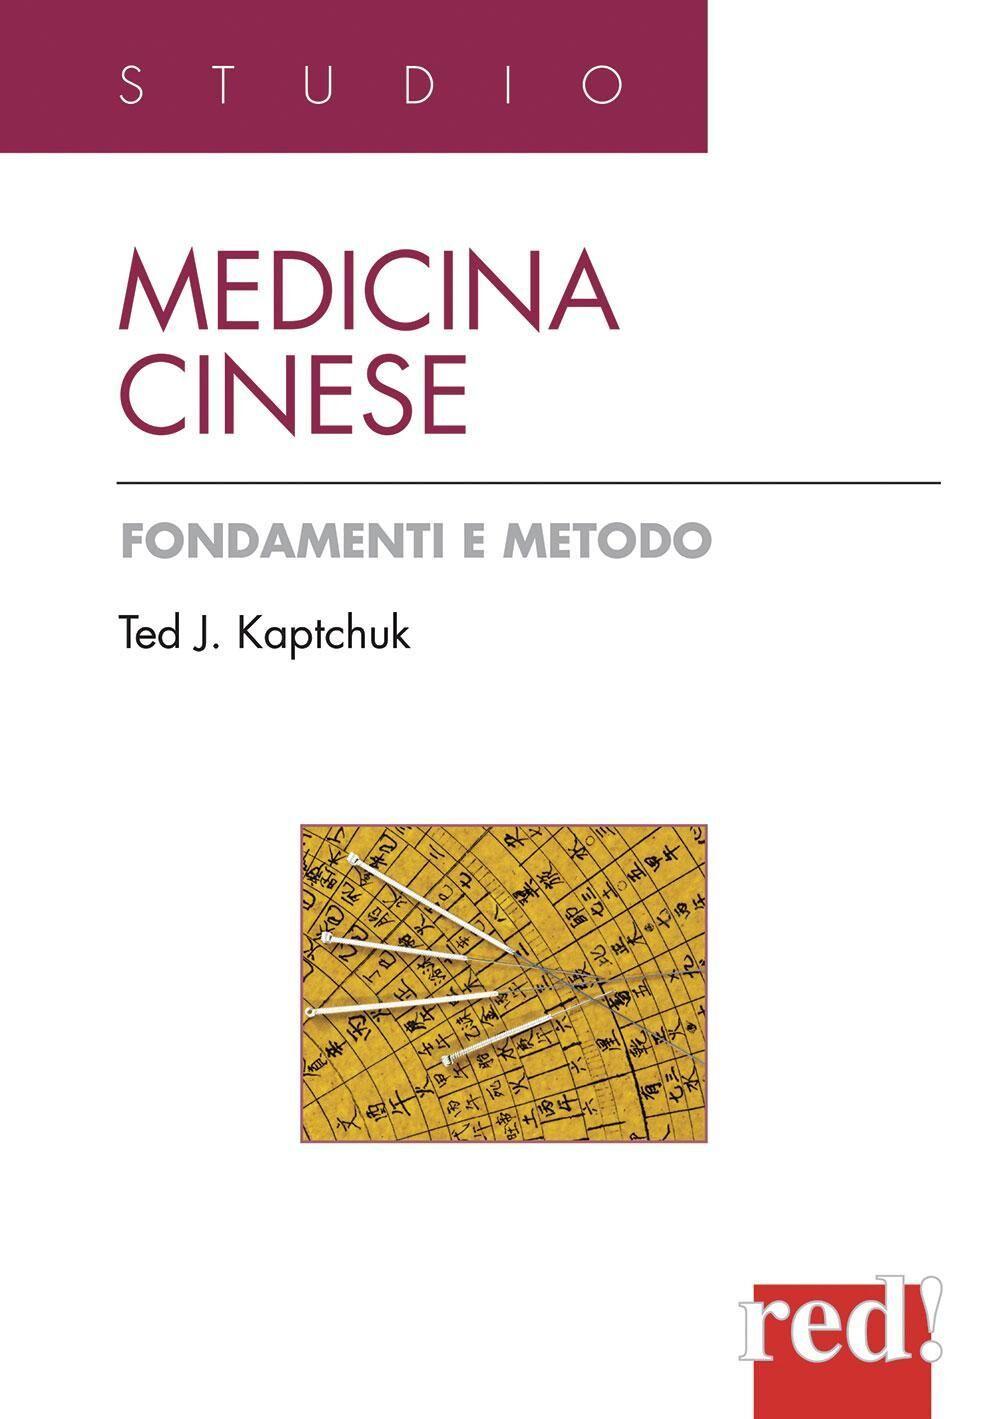 Medicina cinese. Fondamenti e metodo